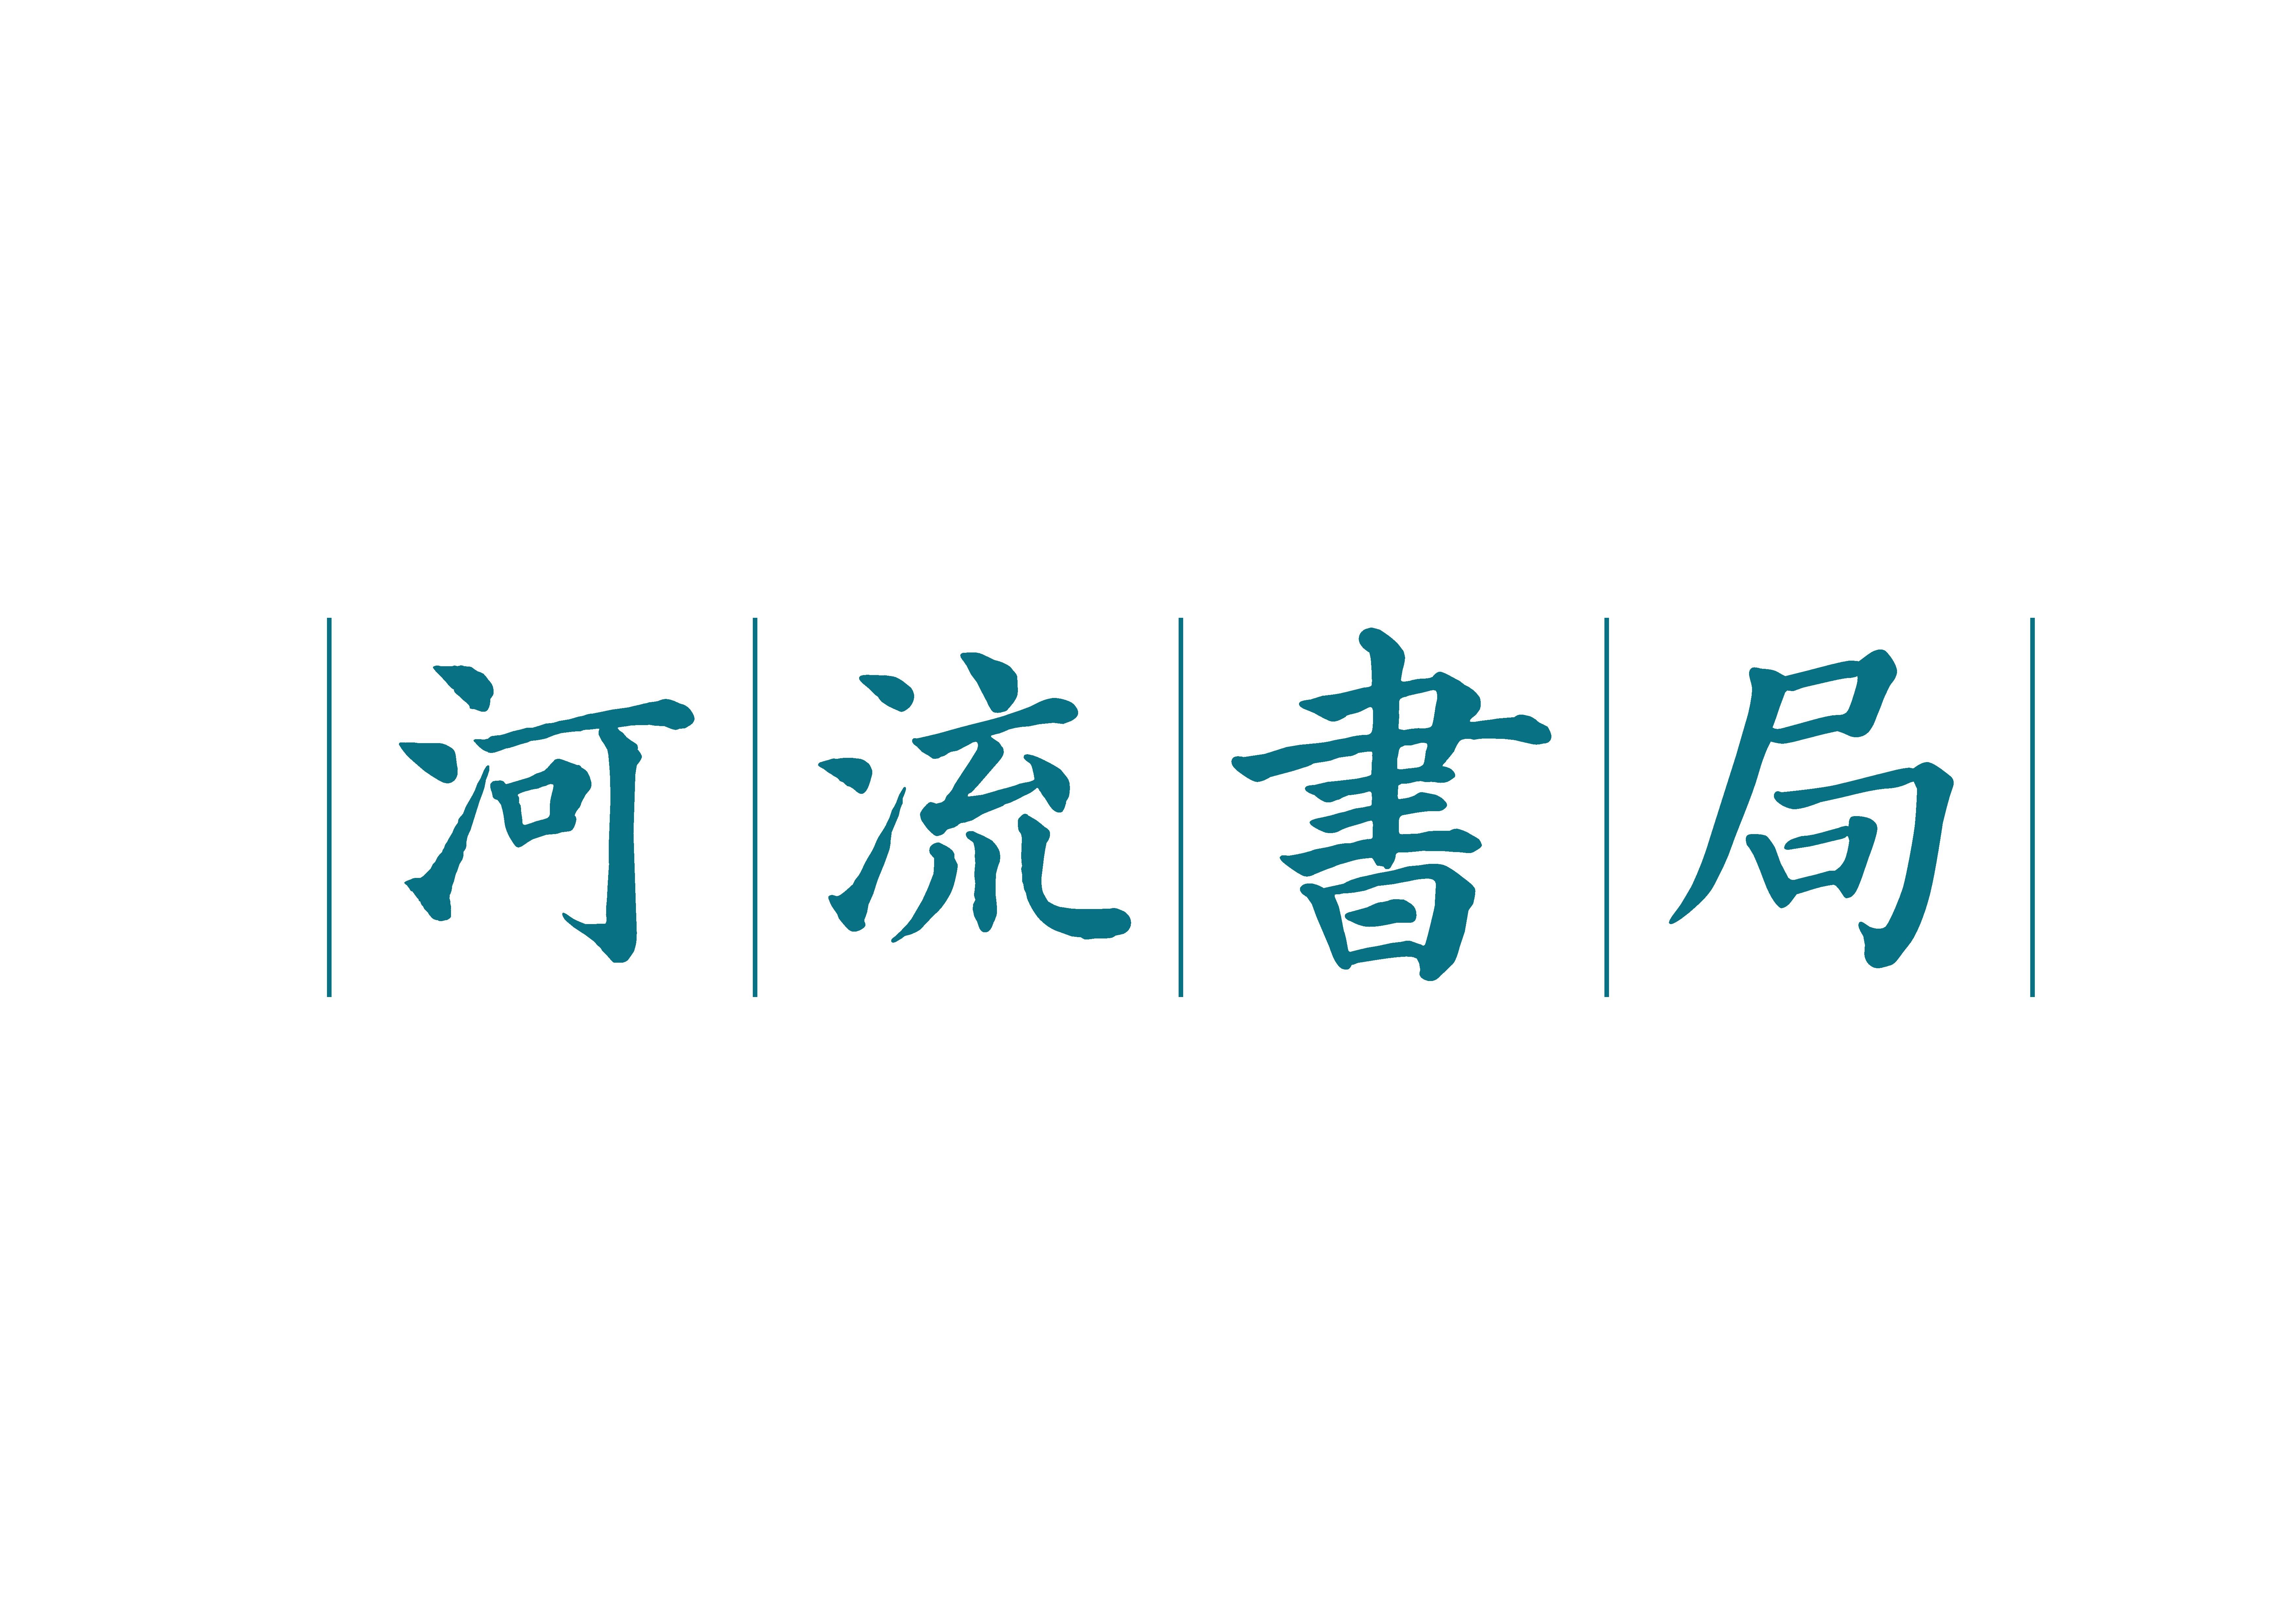 手绘河流logo素材